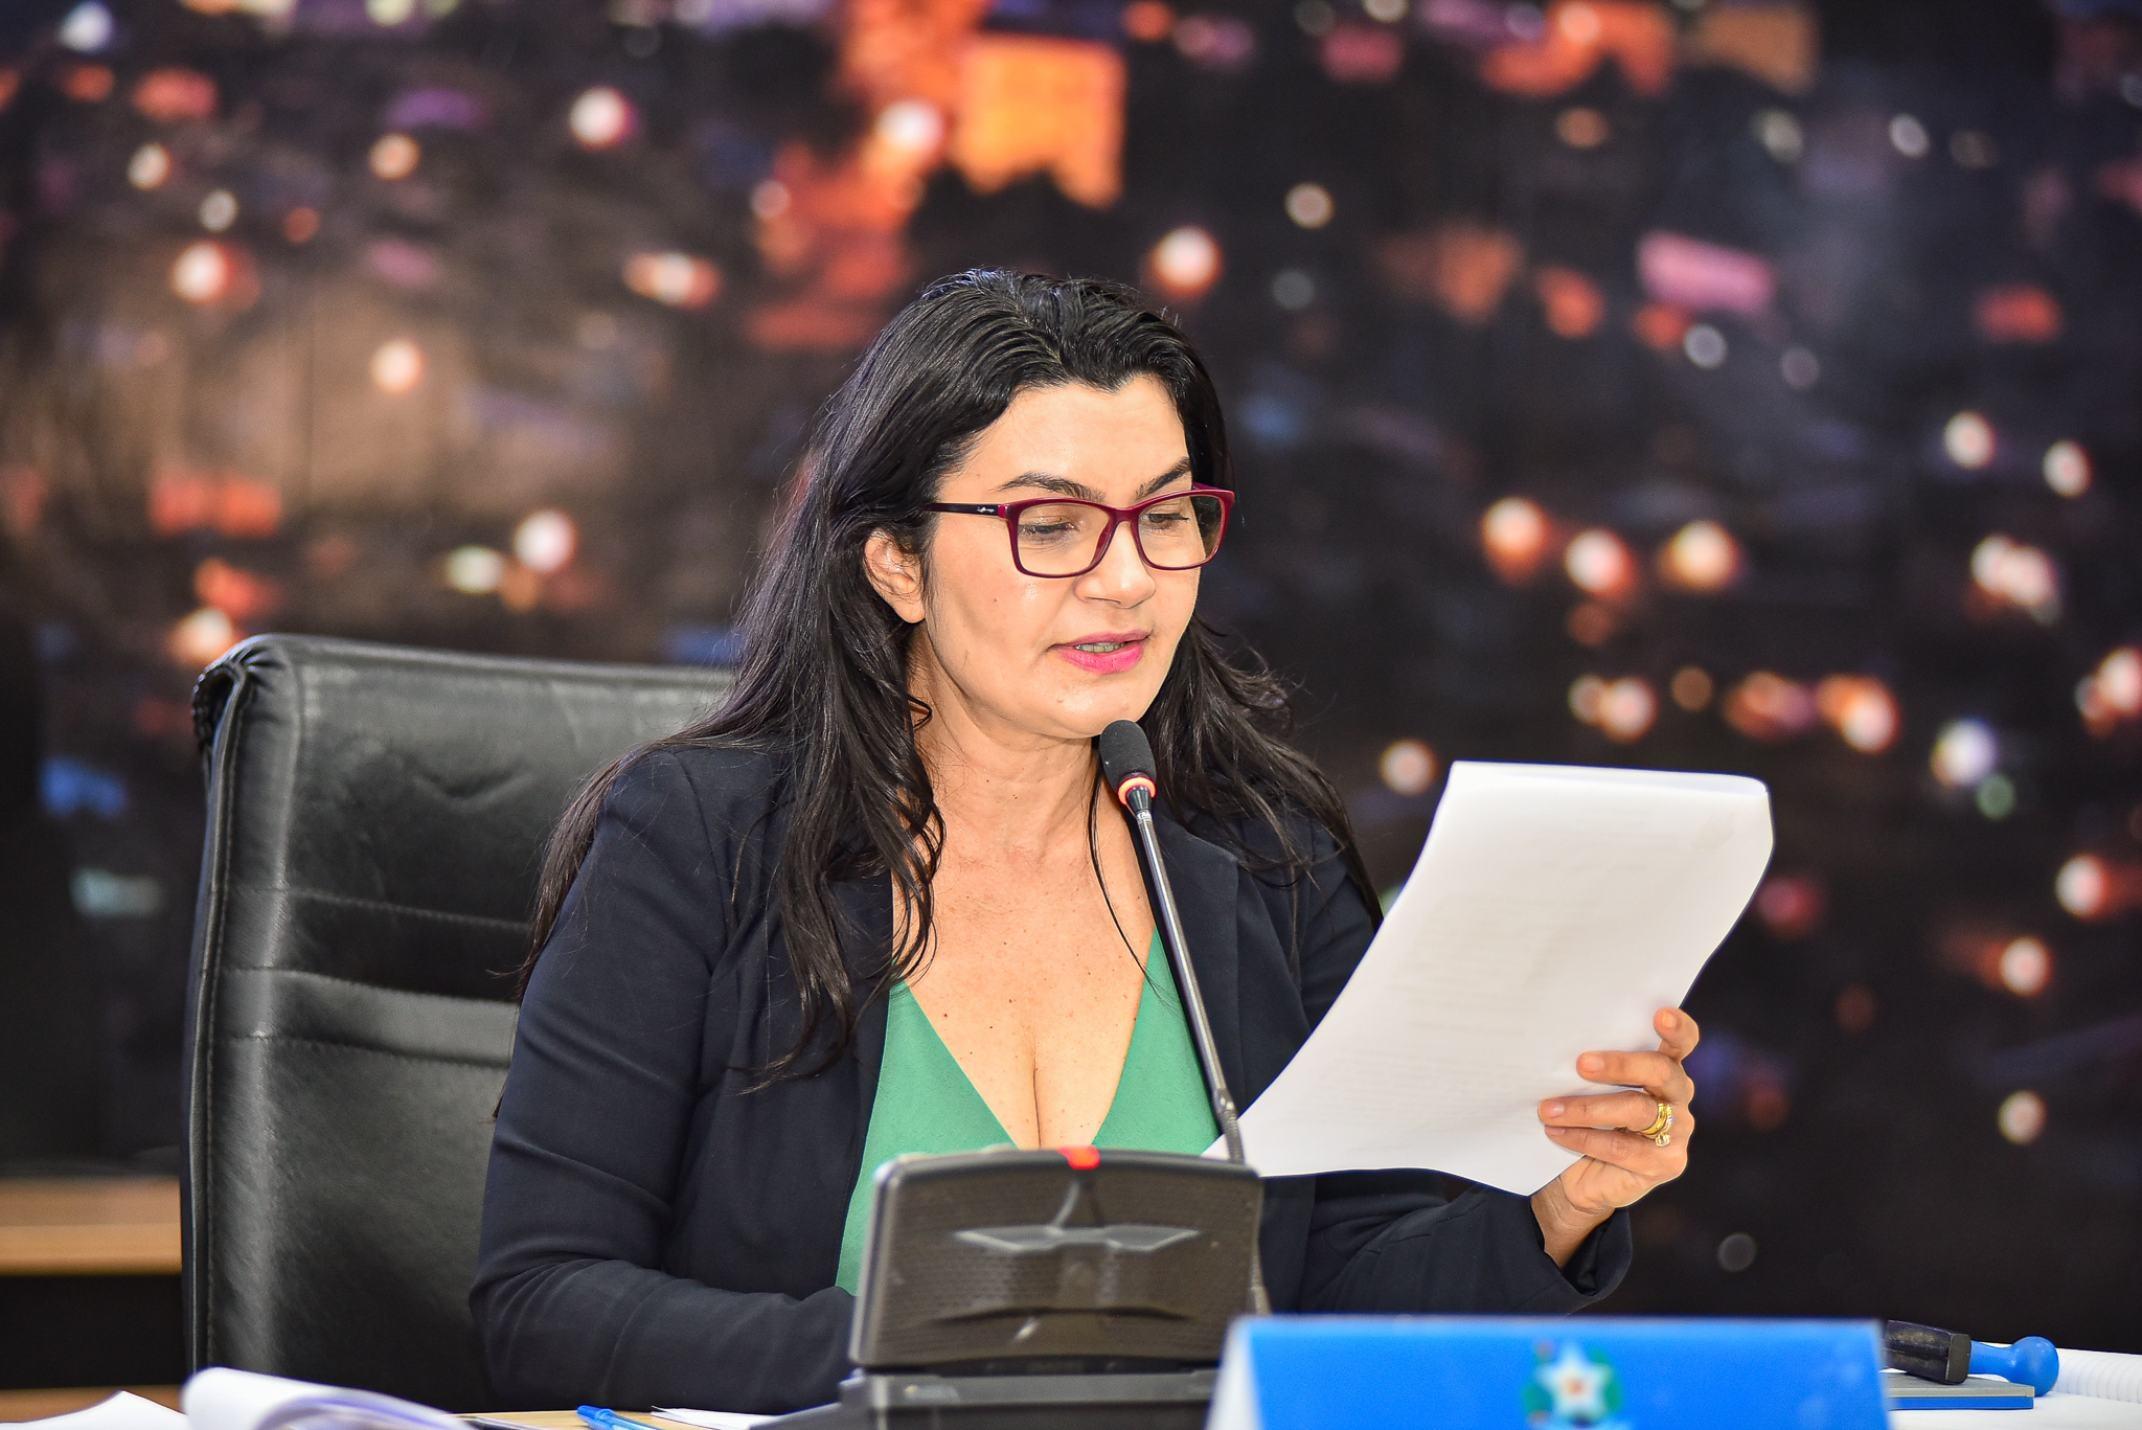 IVereadora Eliene Soares reitera pedidos de ampliação da Ufra